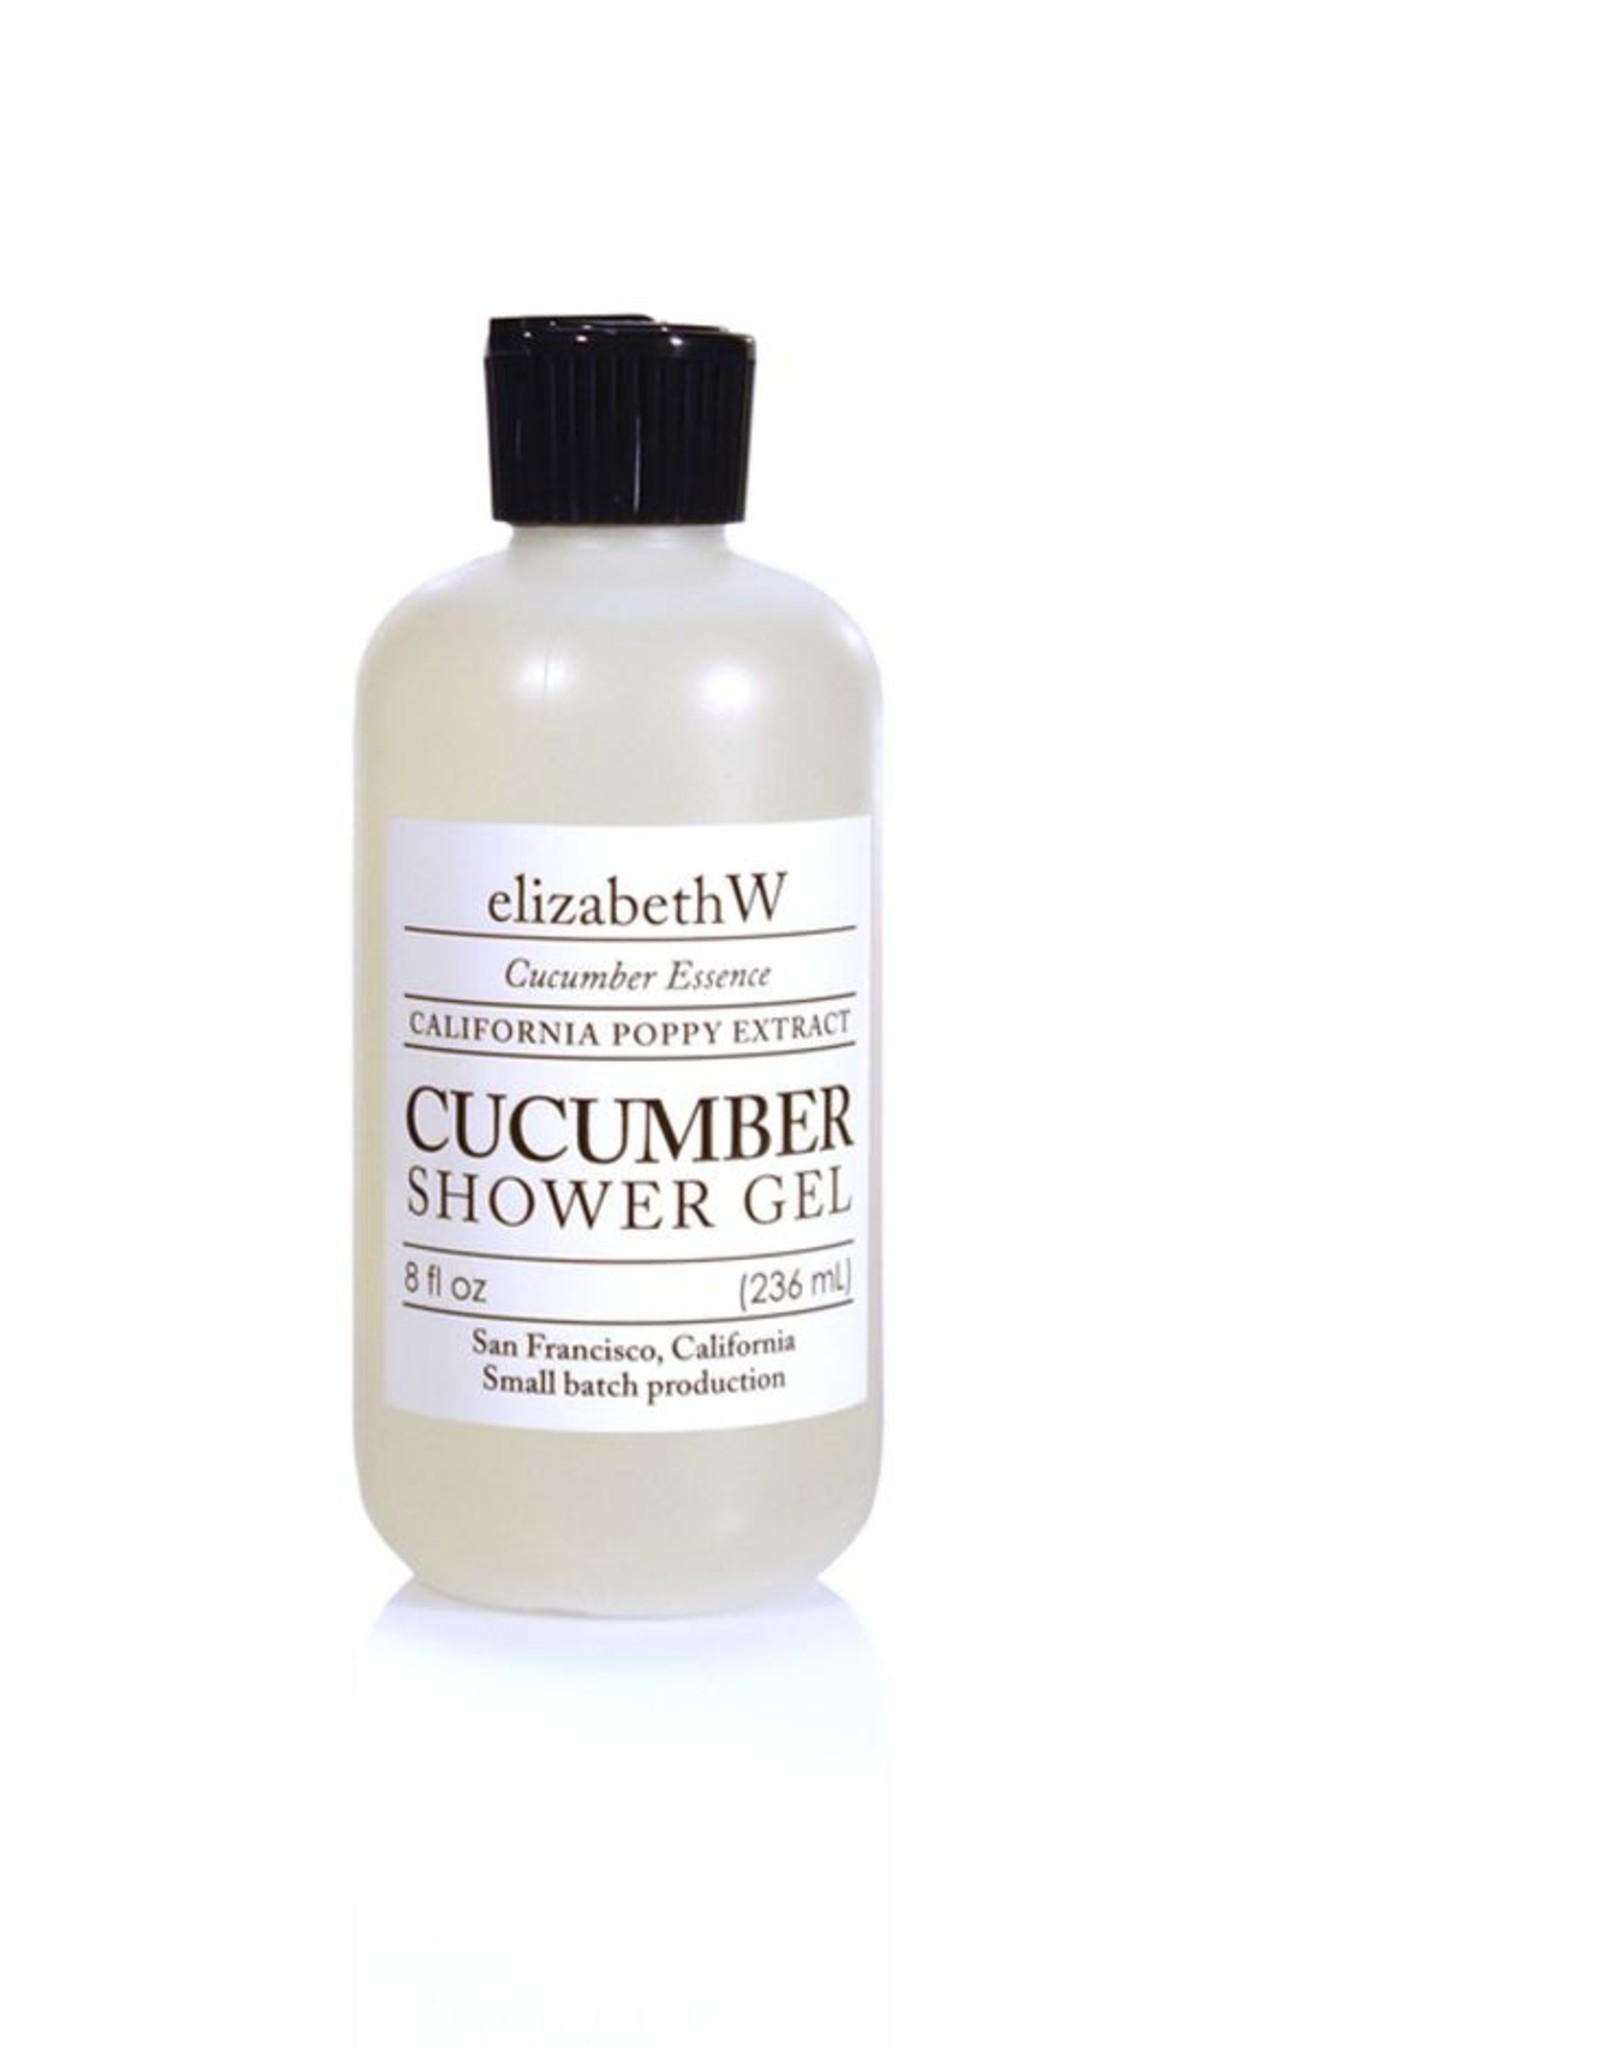 Elizabeth W Cucumber Shower Gel